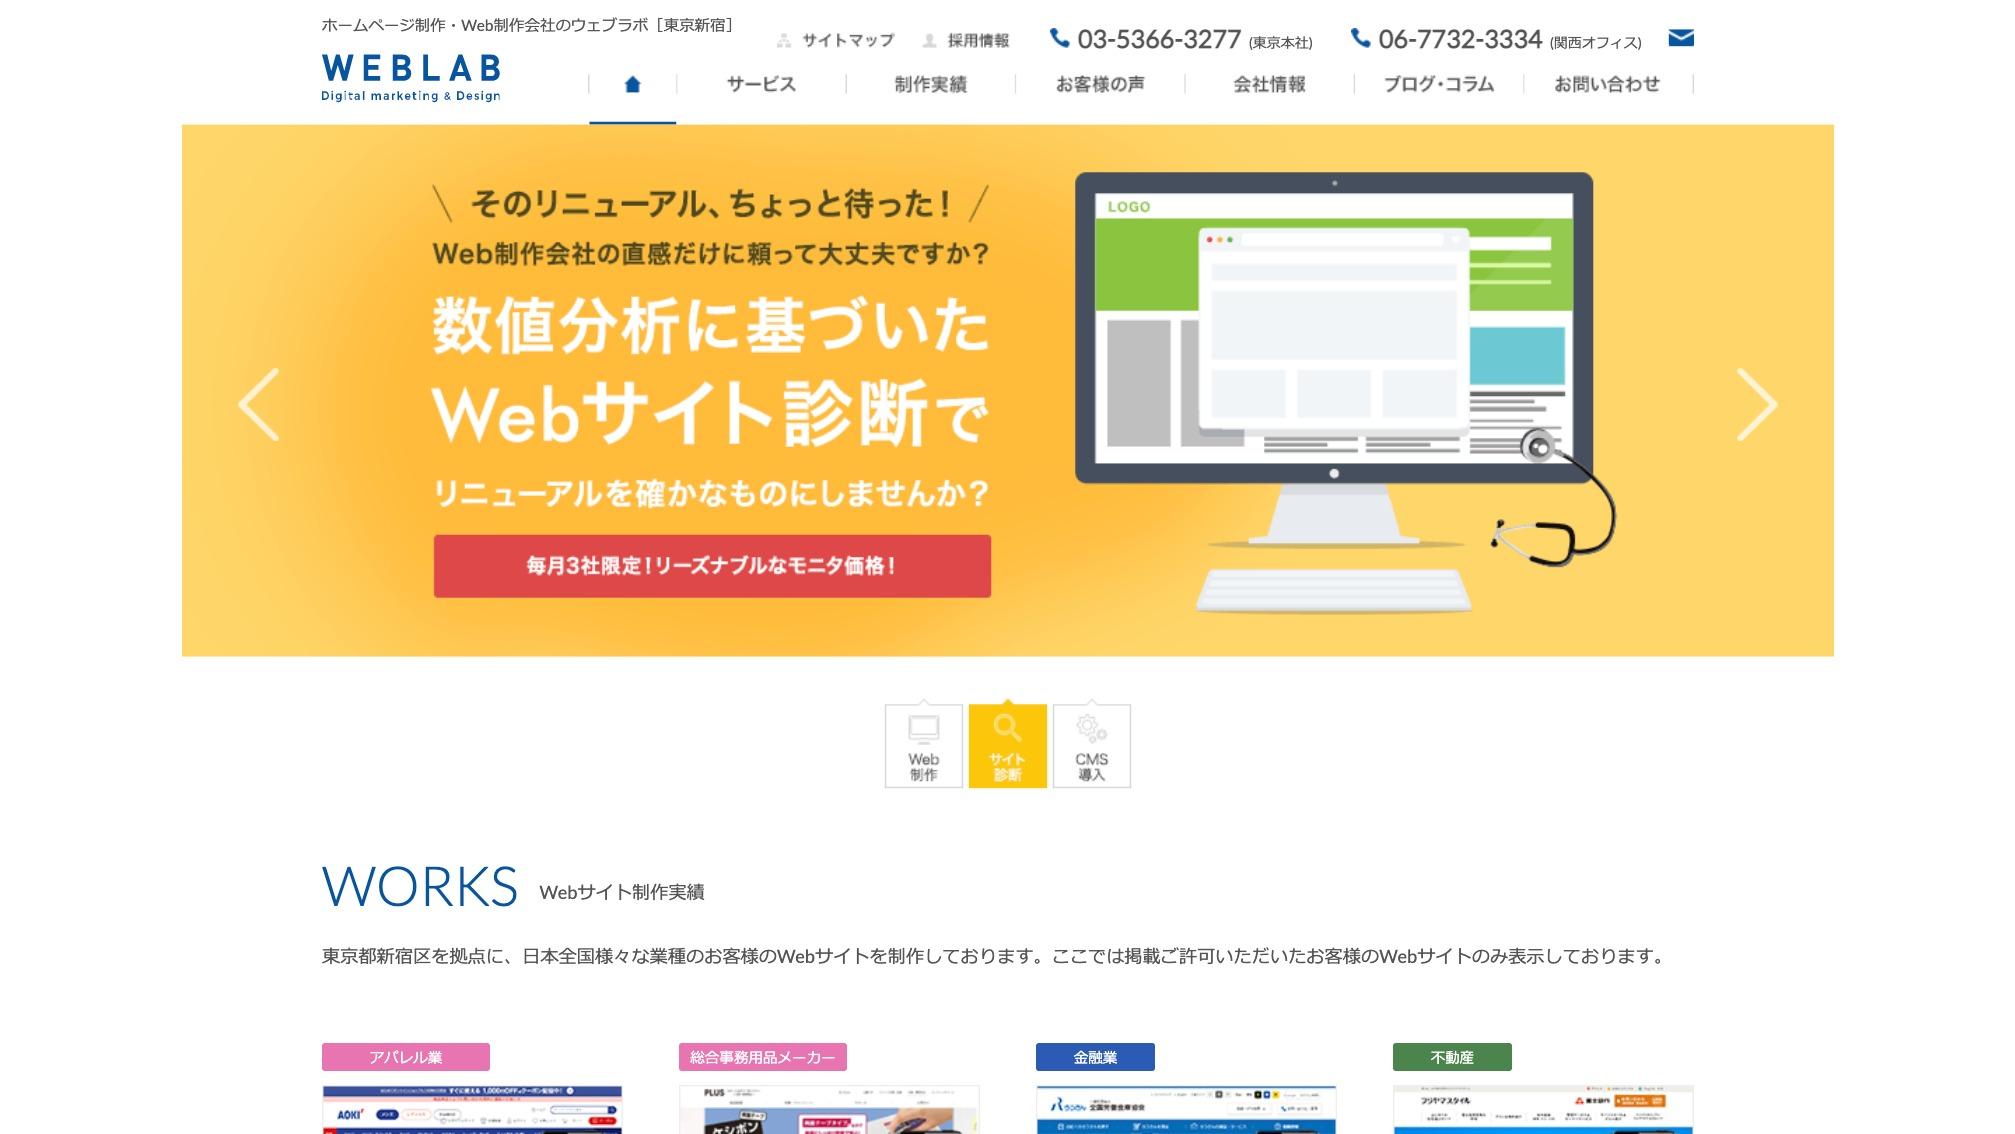 ホームページ制作 東京/Web制作会社 ウェブラボ